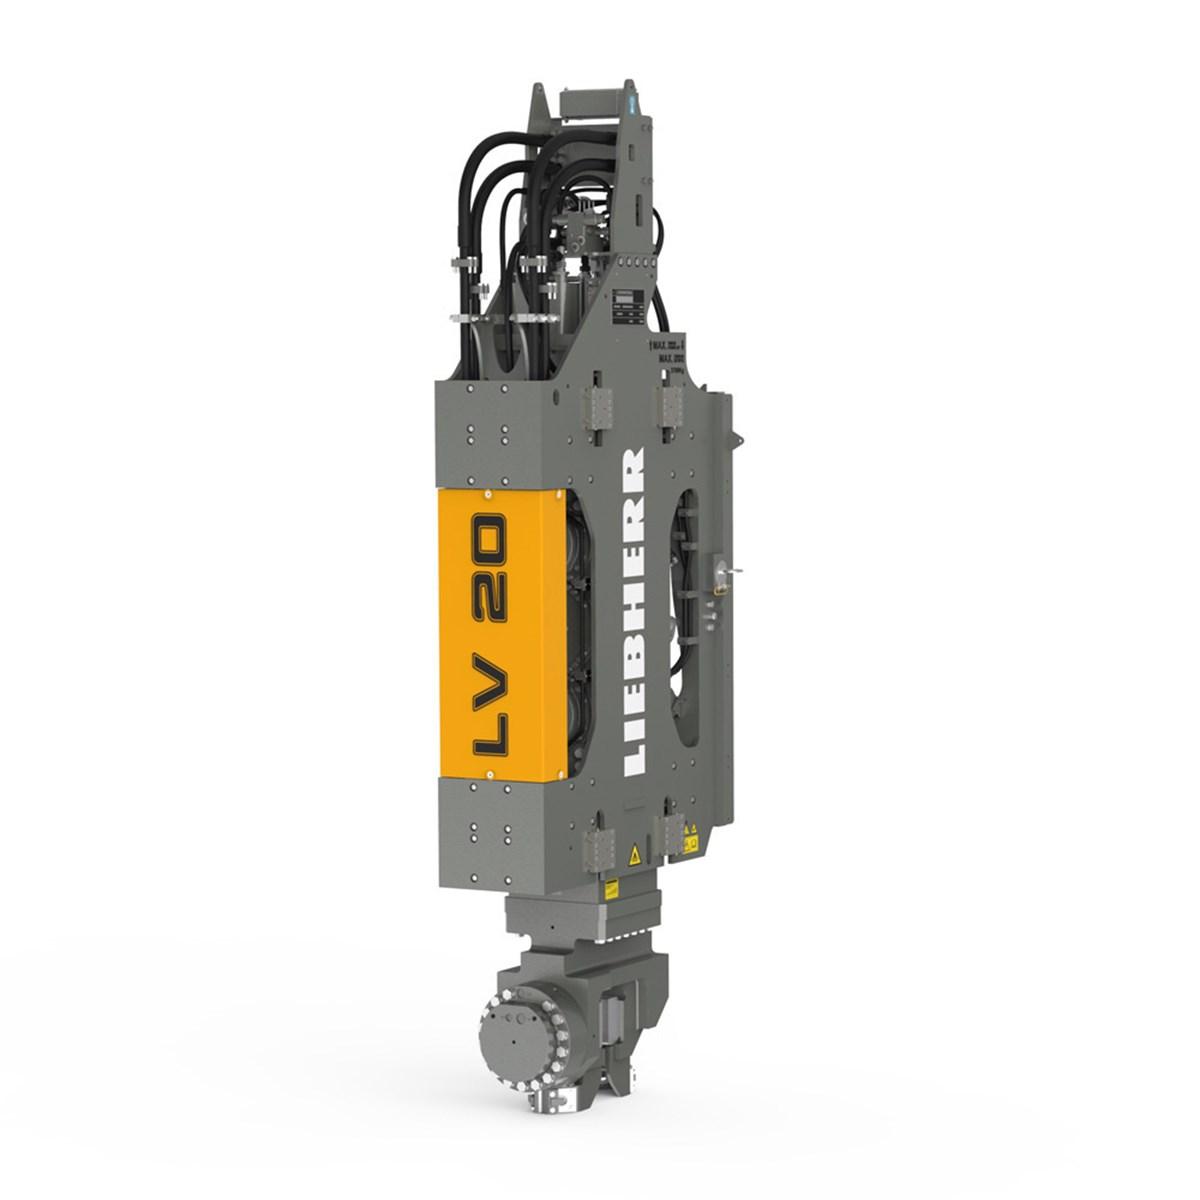 liebherr-lv-20-vibrator-slim-design-hockantruttler-piling-1.jpg